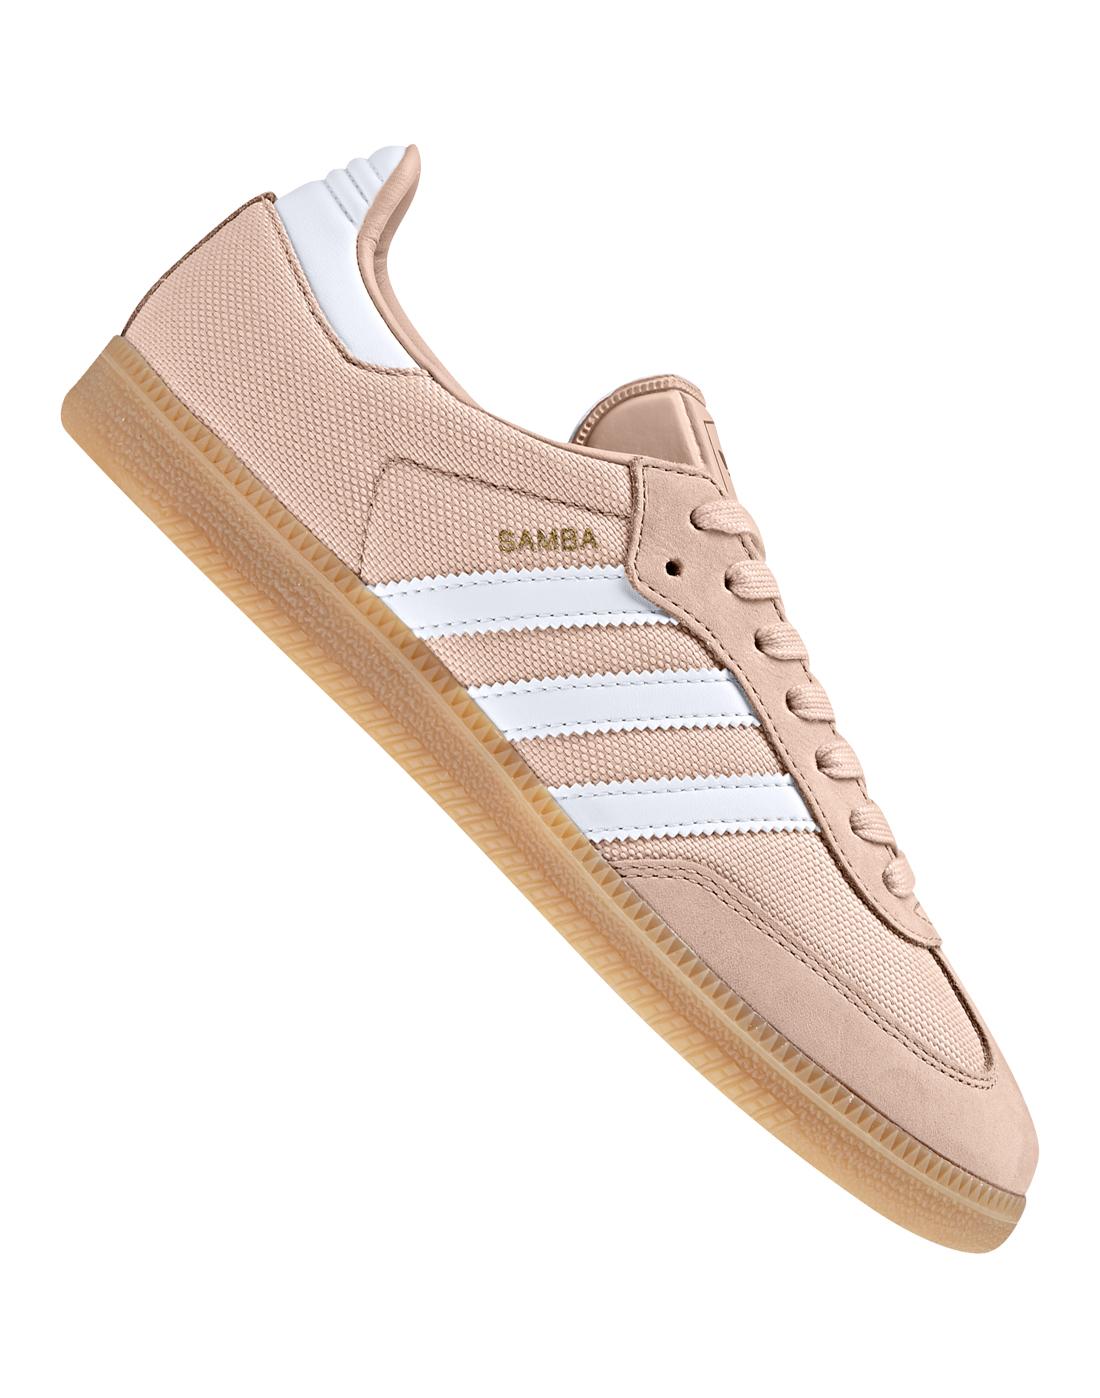 adidas Originals. Womens Samba. Womens Samba · Womens Samba 1fa0a1294